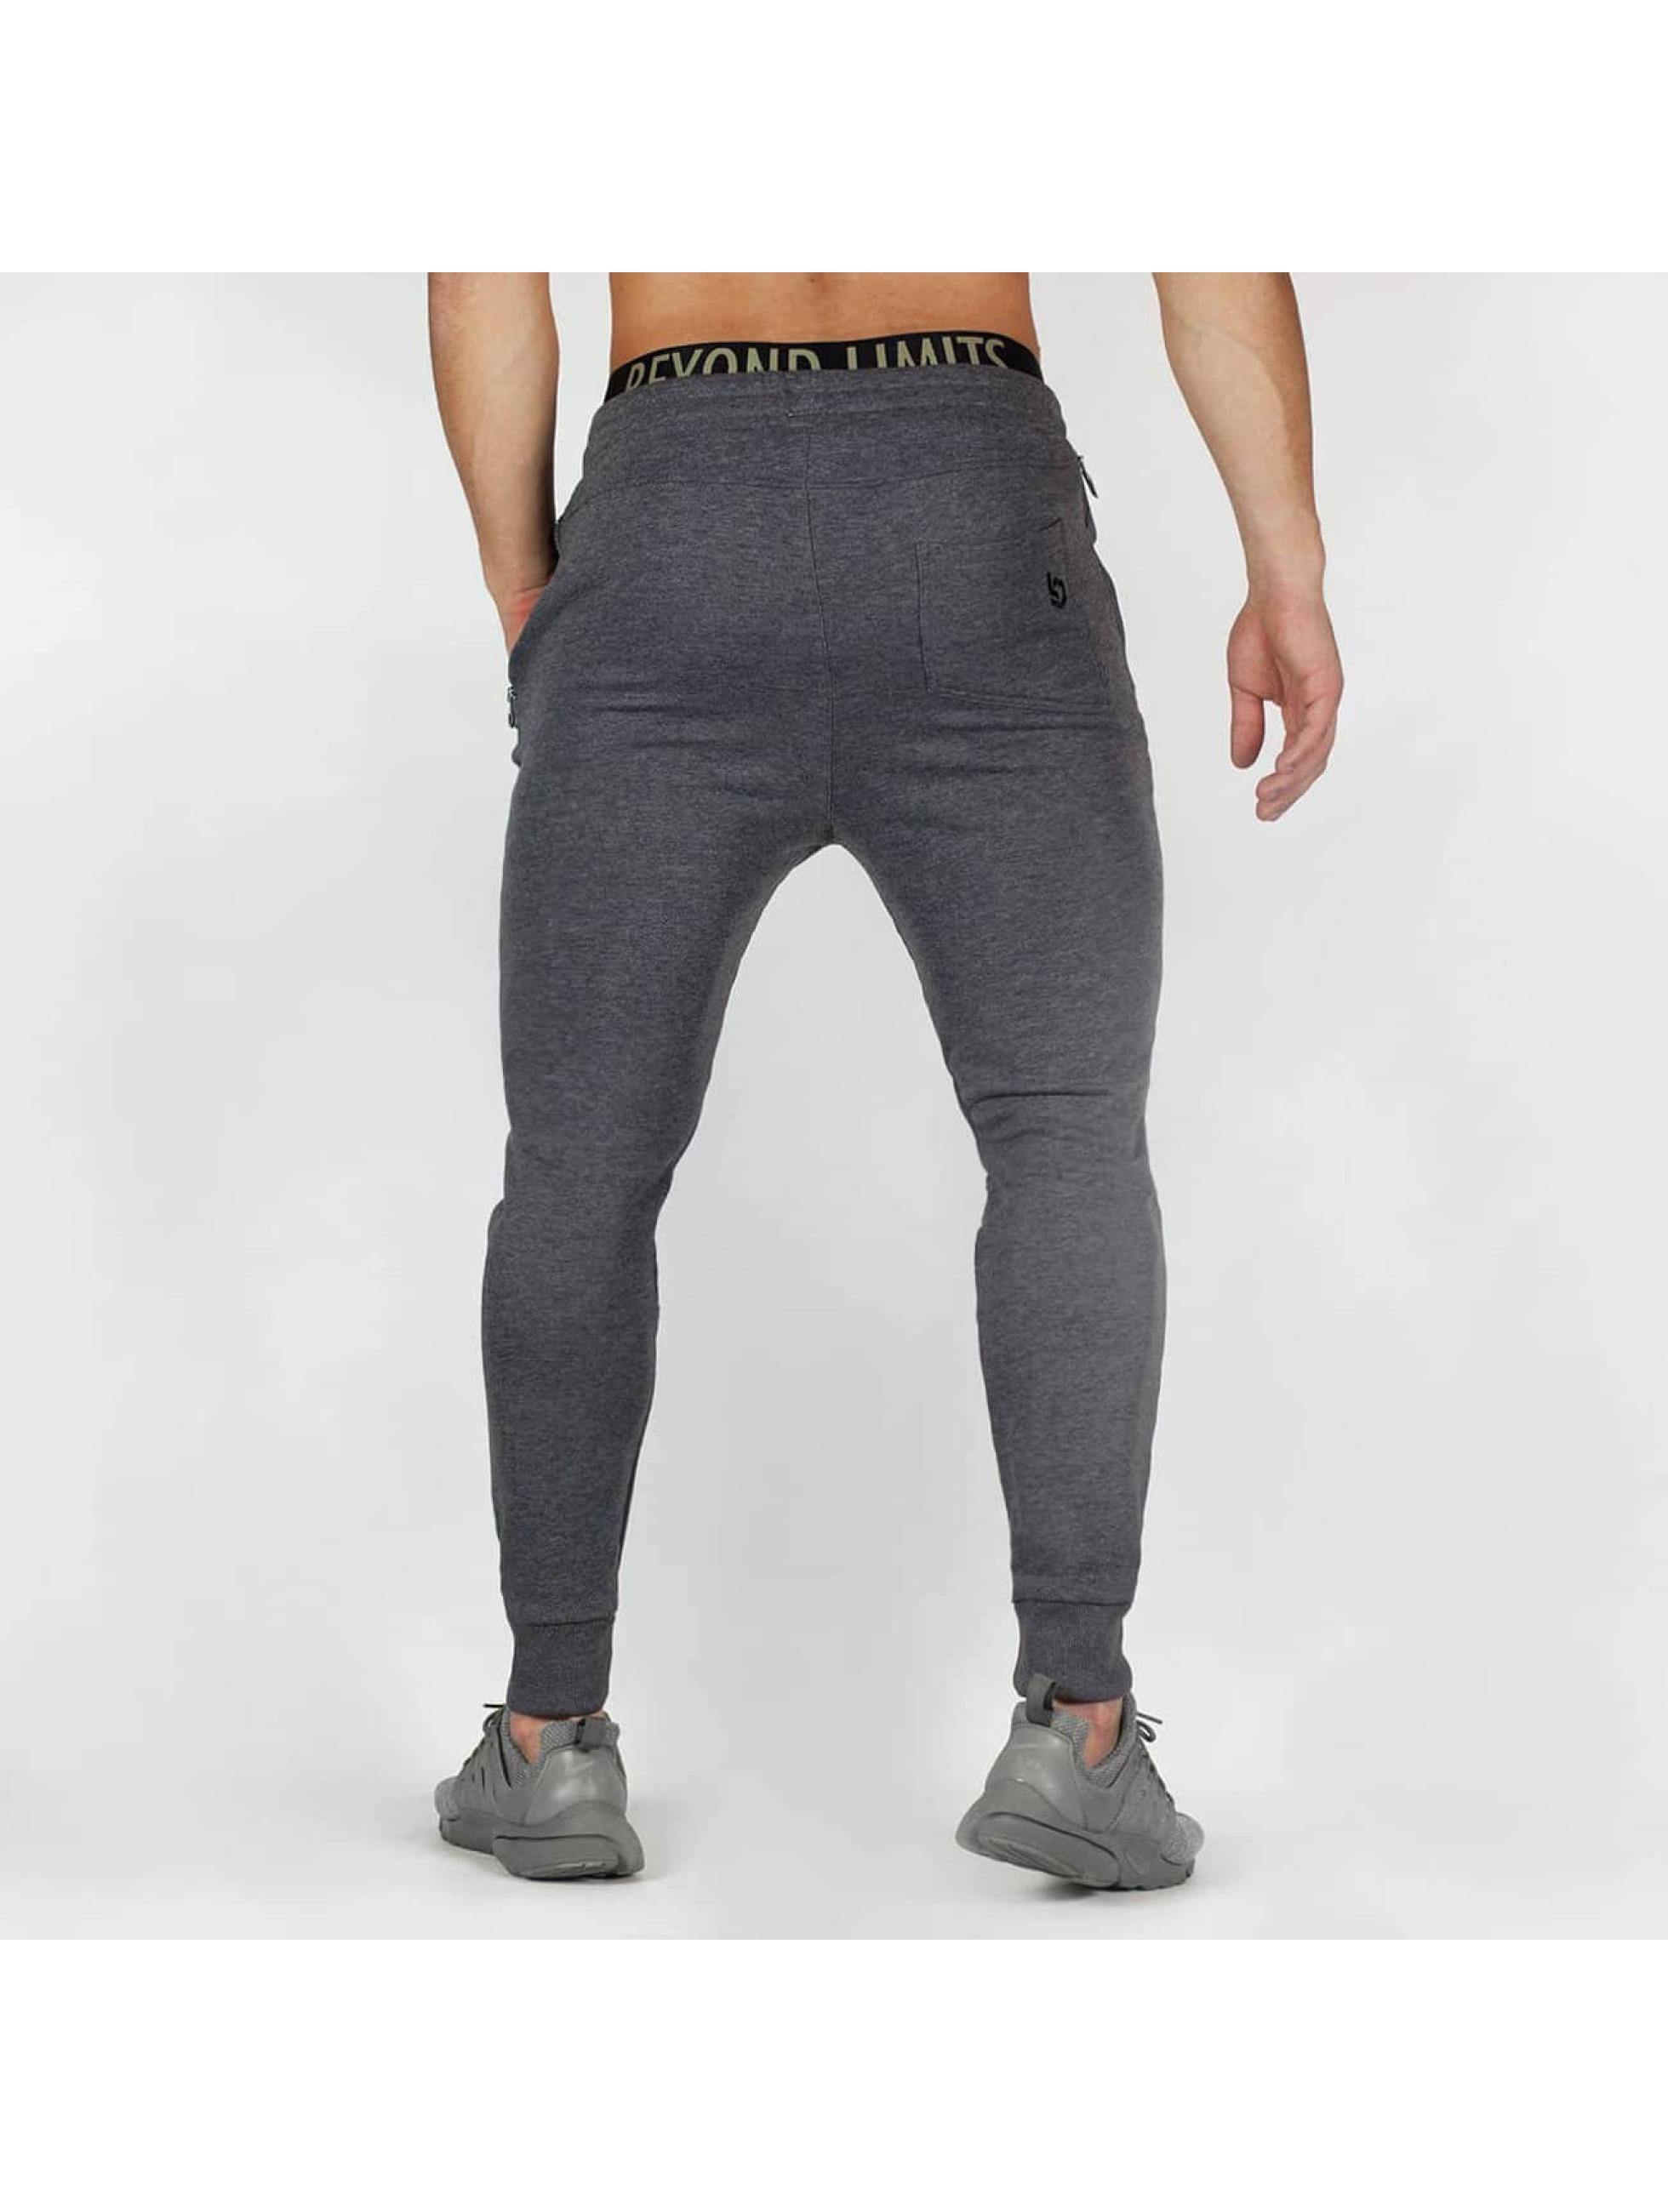 Beyond Limits Sweat Pant Baseline grey